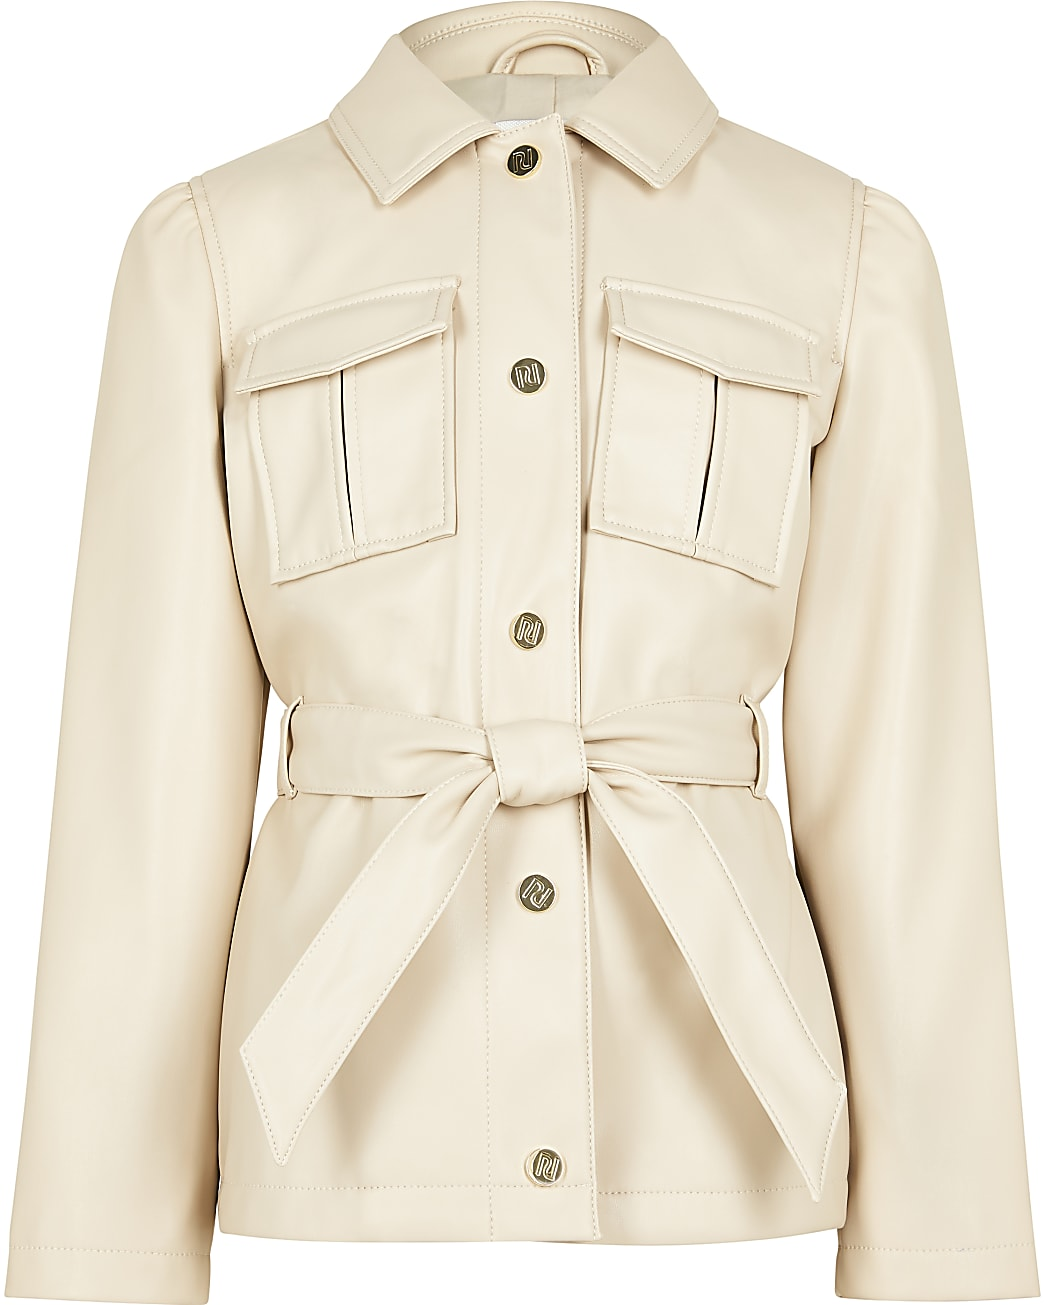 Girls beige longline belted jacket